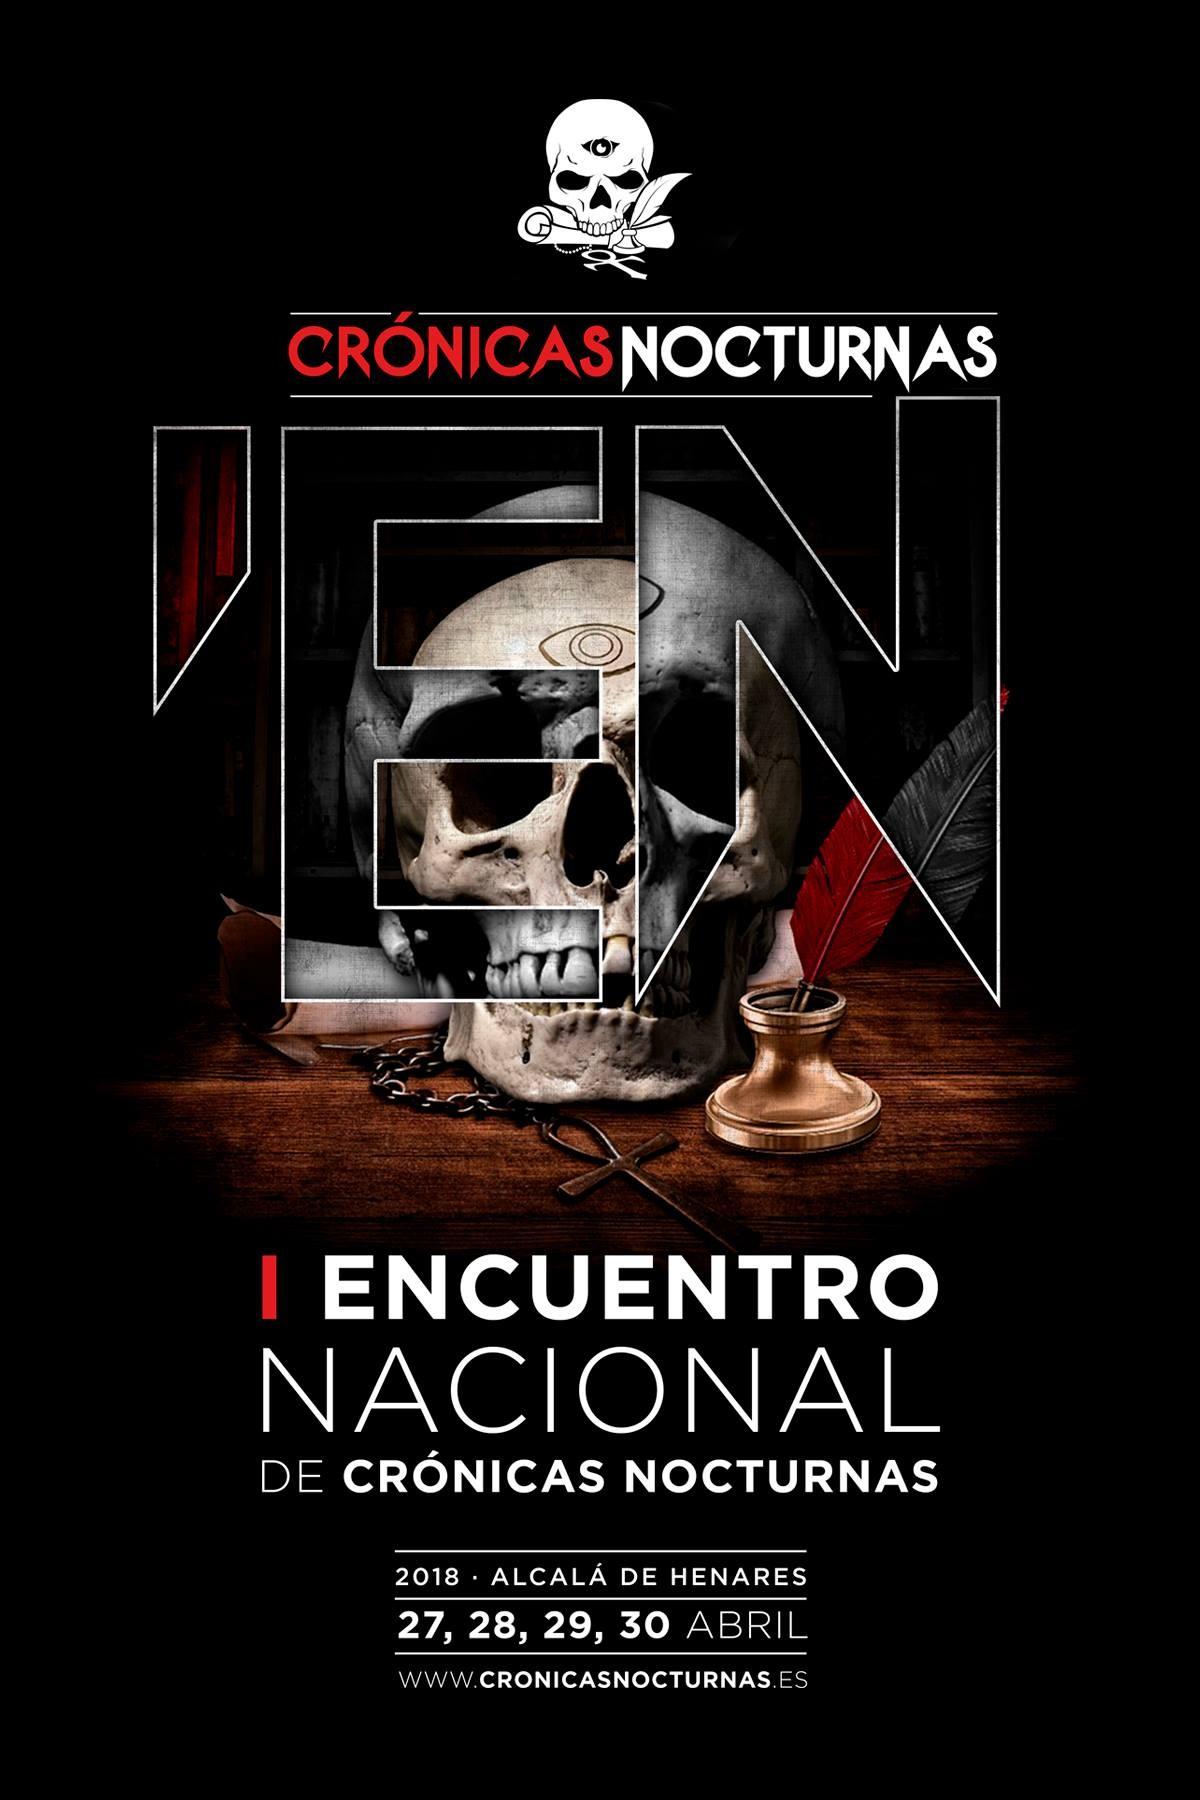 Encuentro Nacional de Crónicas Nocturnas